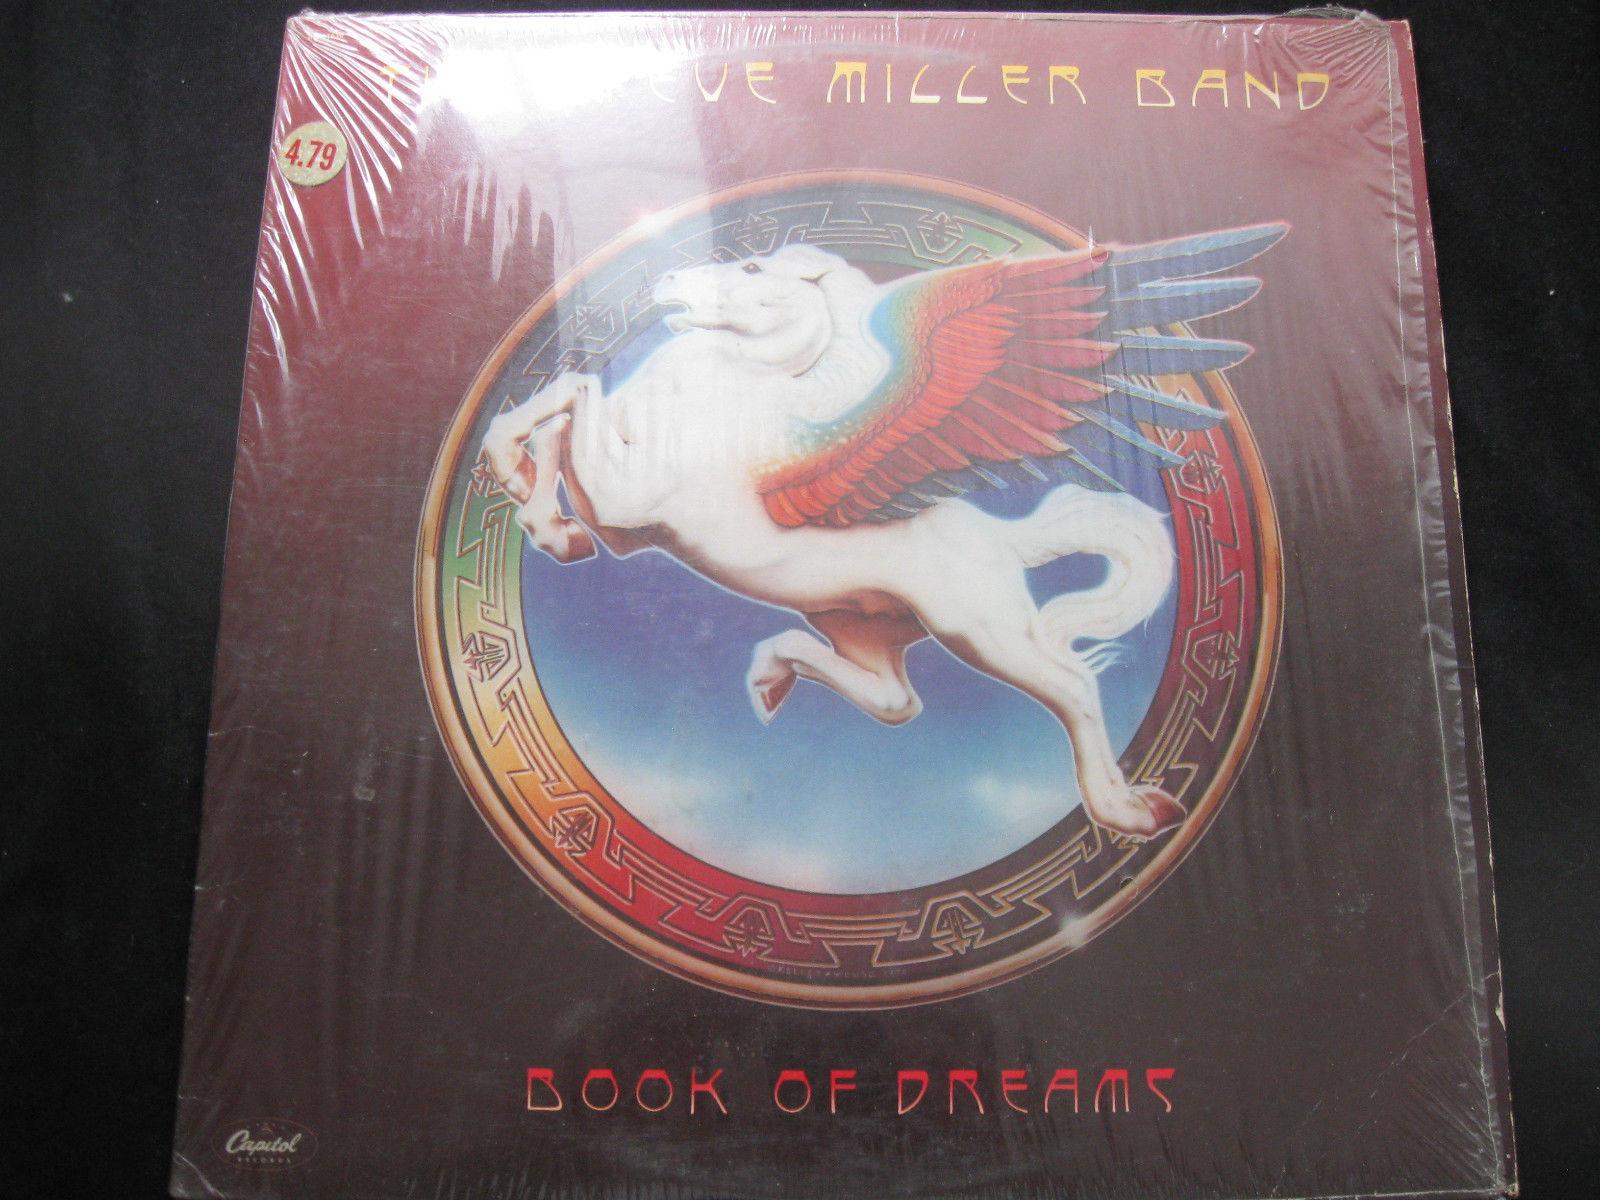 Steve Miller Band Book Of Dreams Capitol SQ-11630 Vinyl Record LP Open Shrink